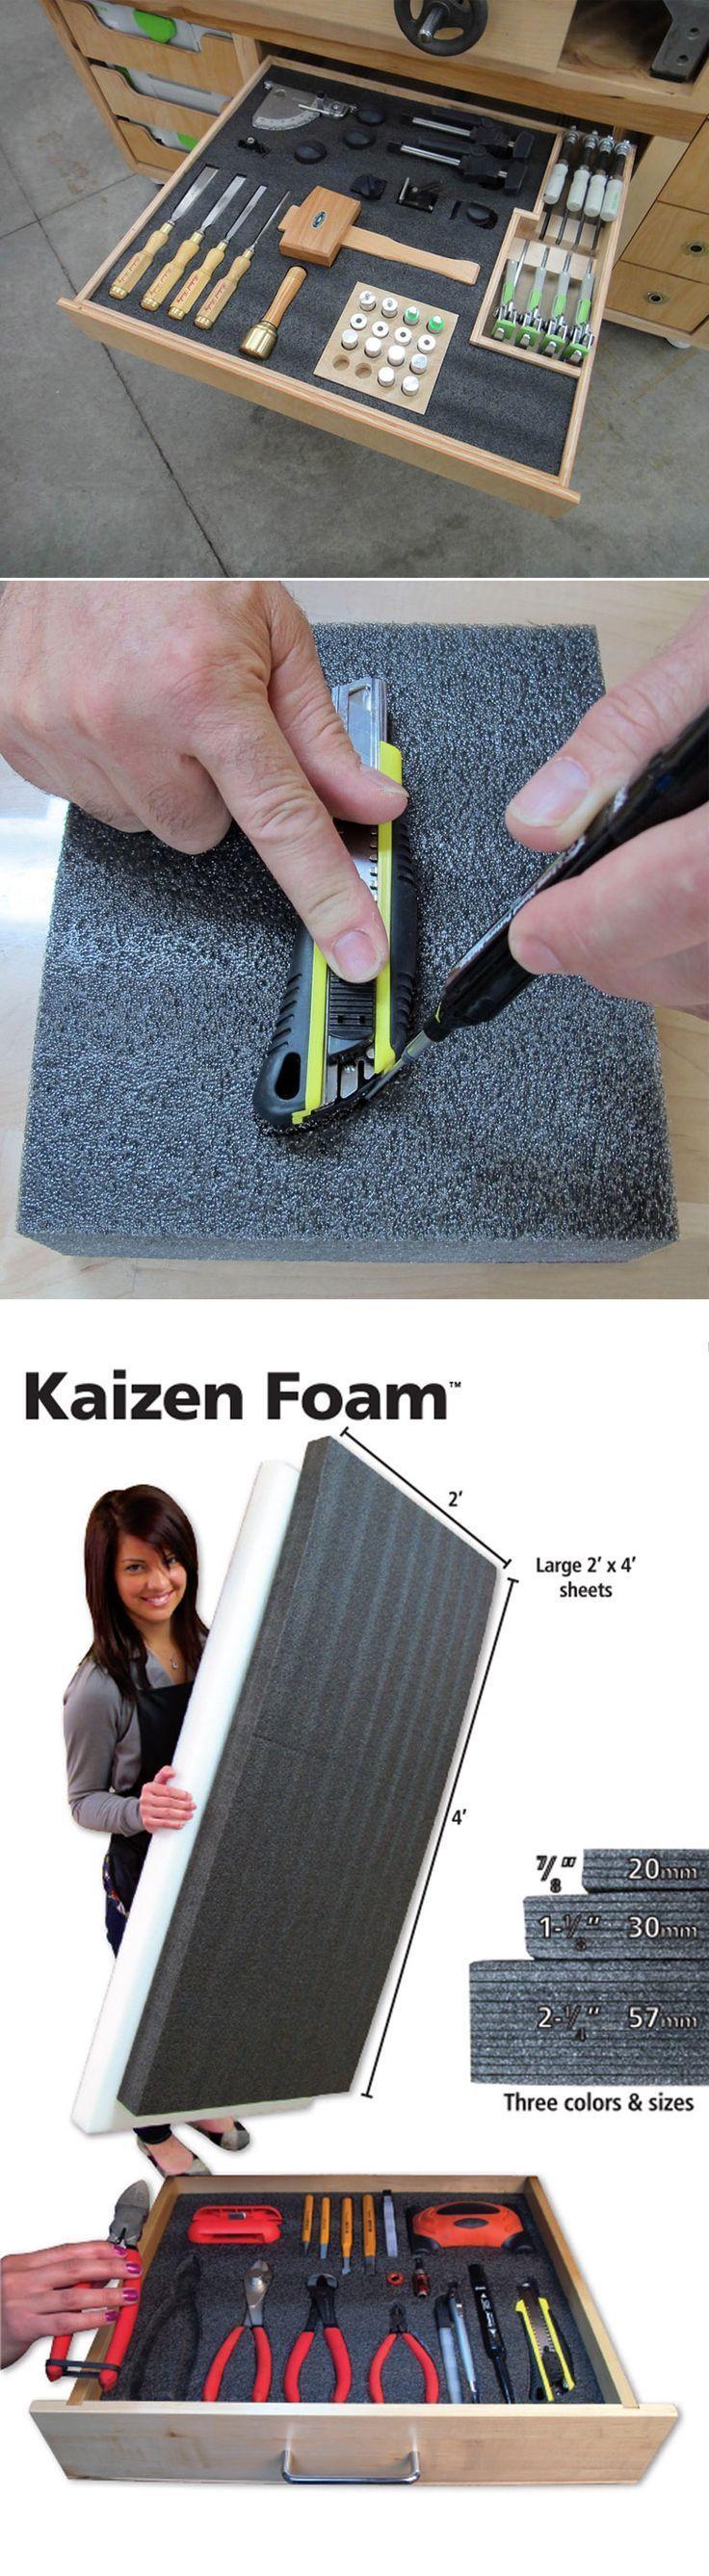 Kaizen Organization Foam      www.fastcap.com/… – #Foam #Kaizen #Organization …